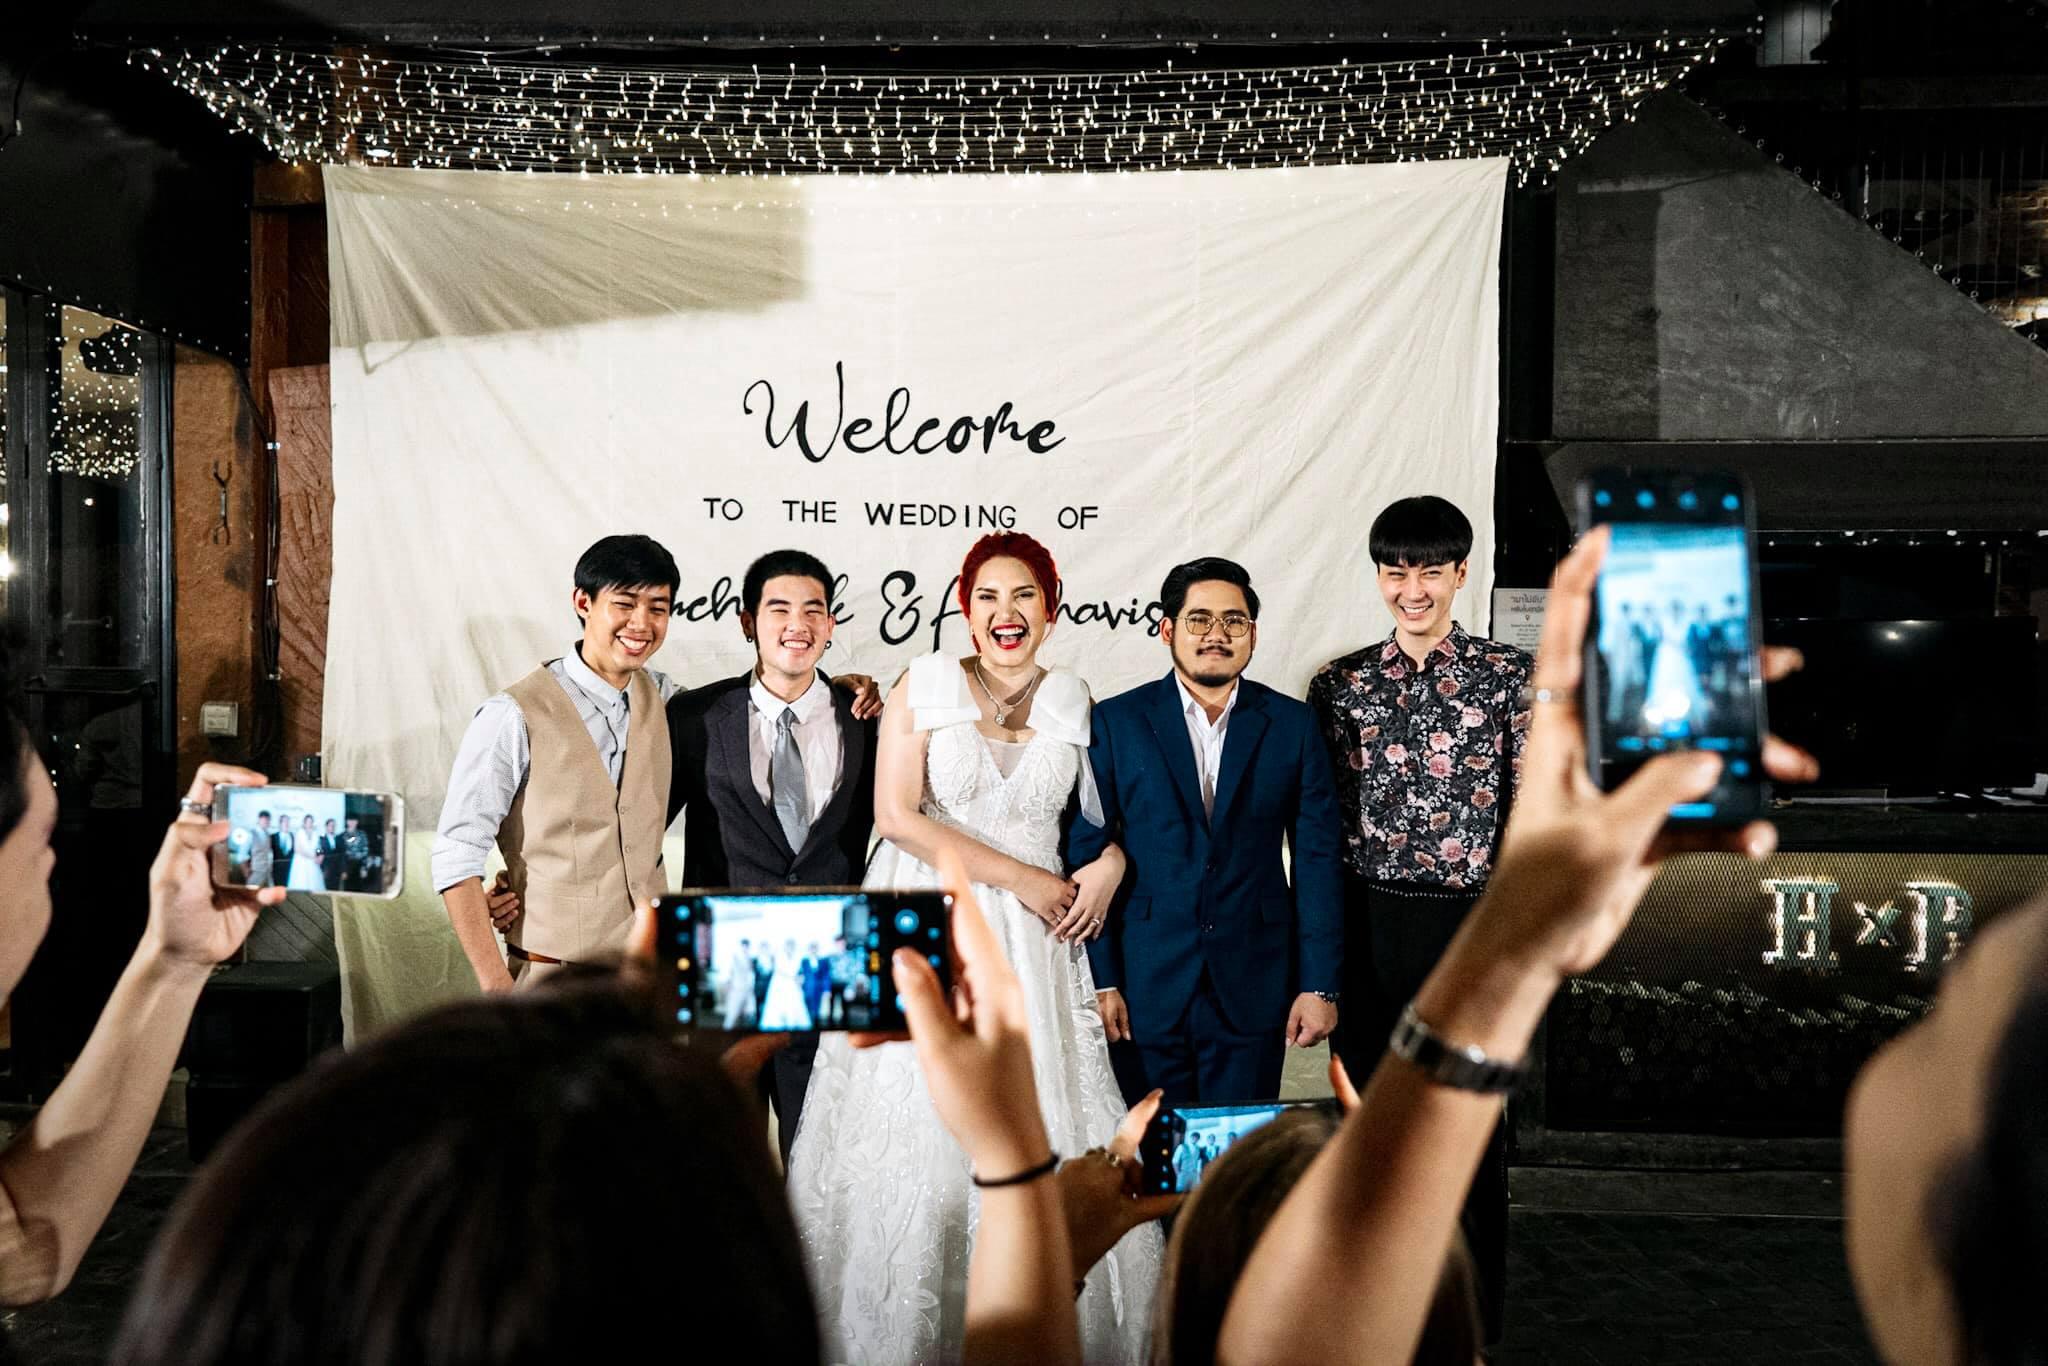 新娘邀3位前男友婚禮上大合照。網上圖片